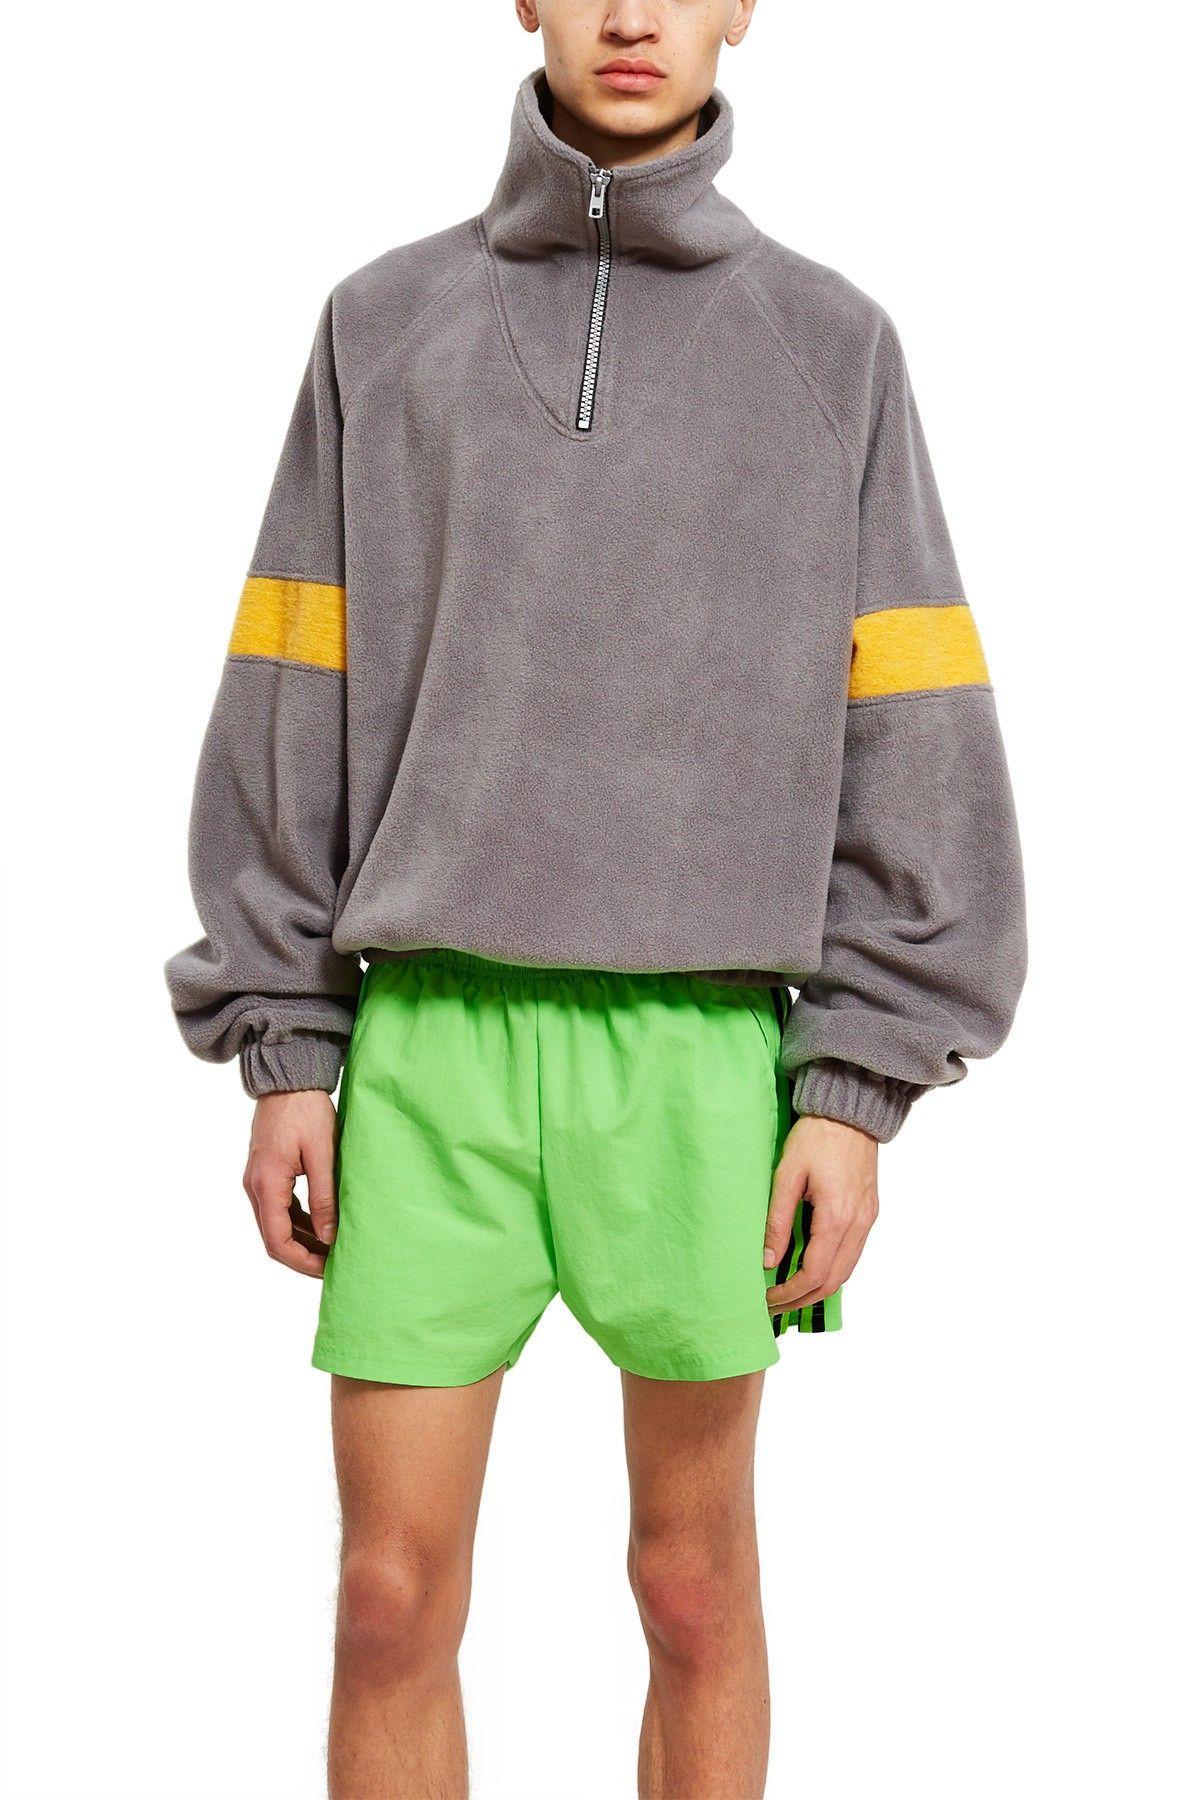 gosha rubchinskiy adidas fleece yellow